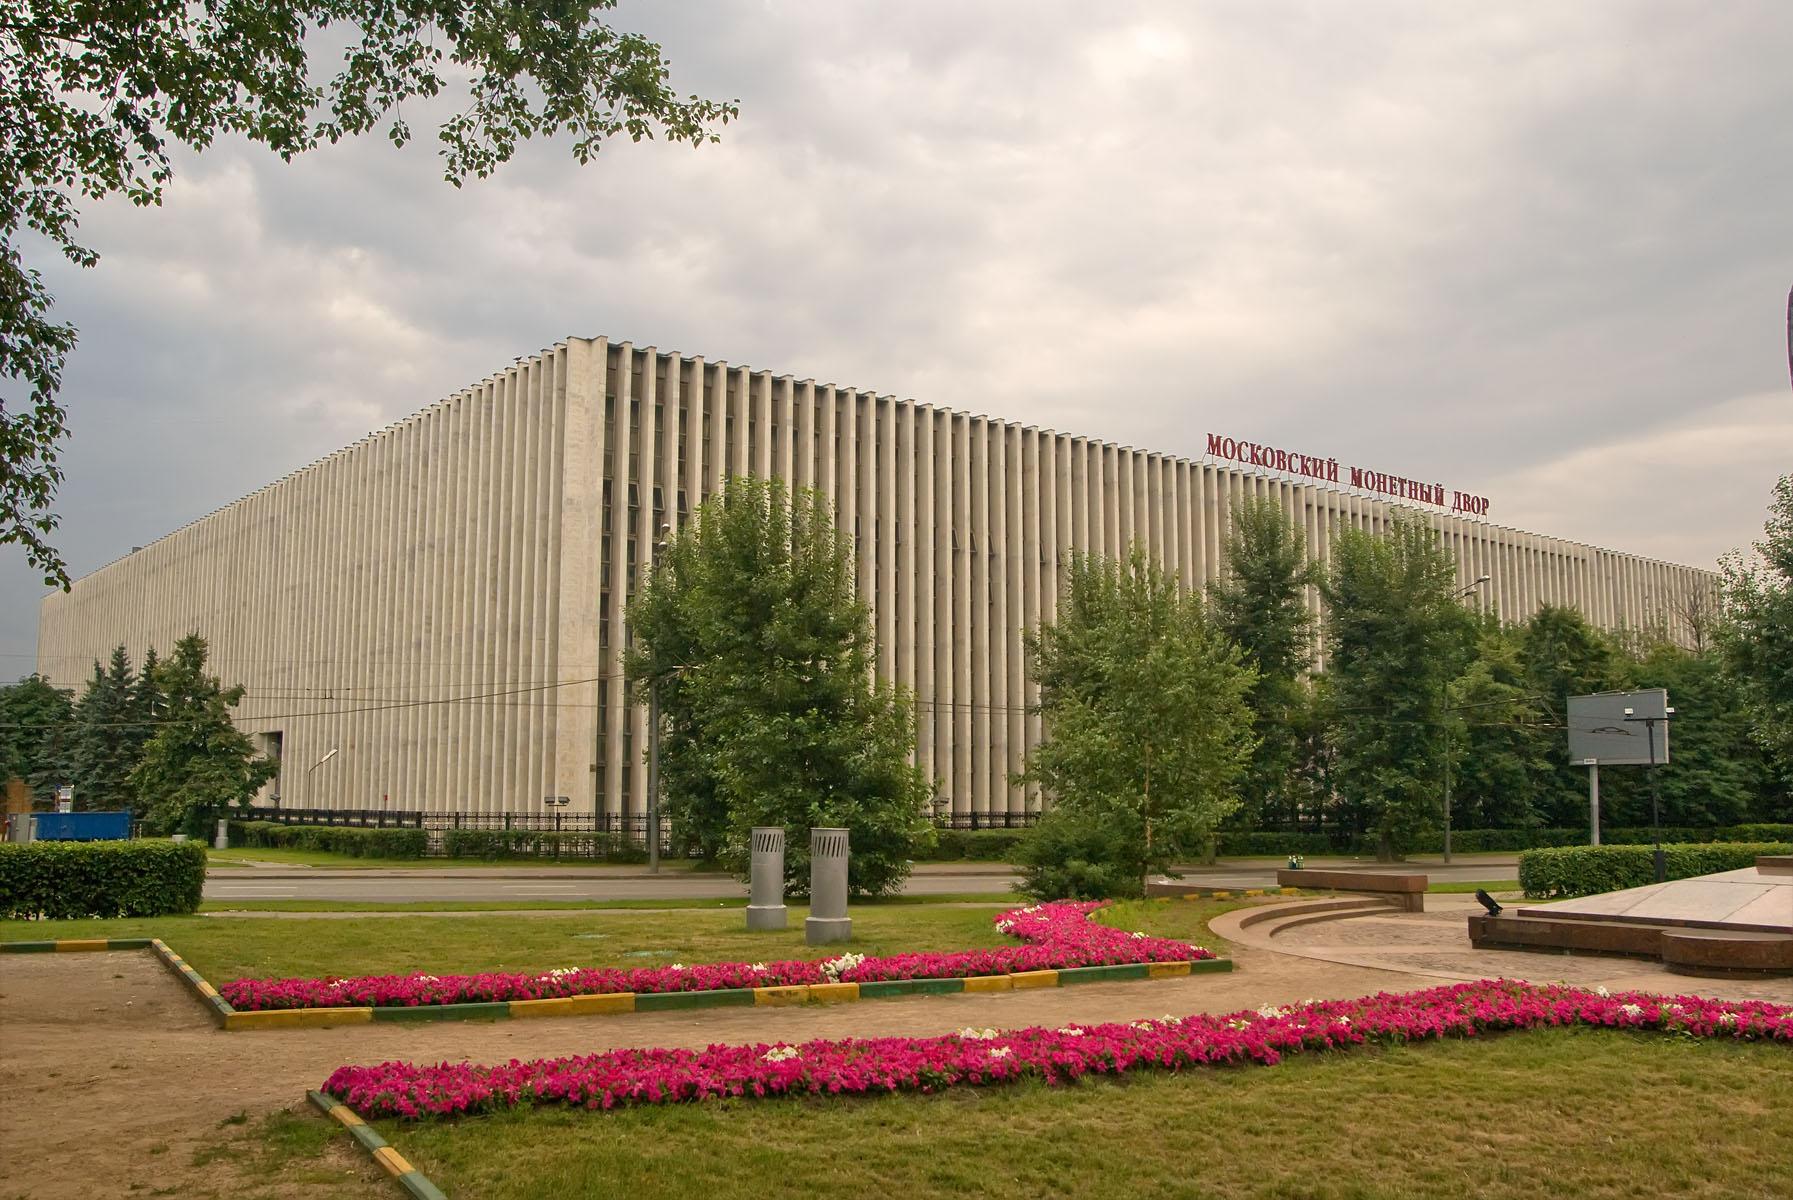 Экскурсии в Московский монетный двор